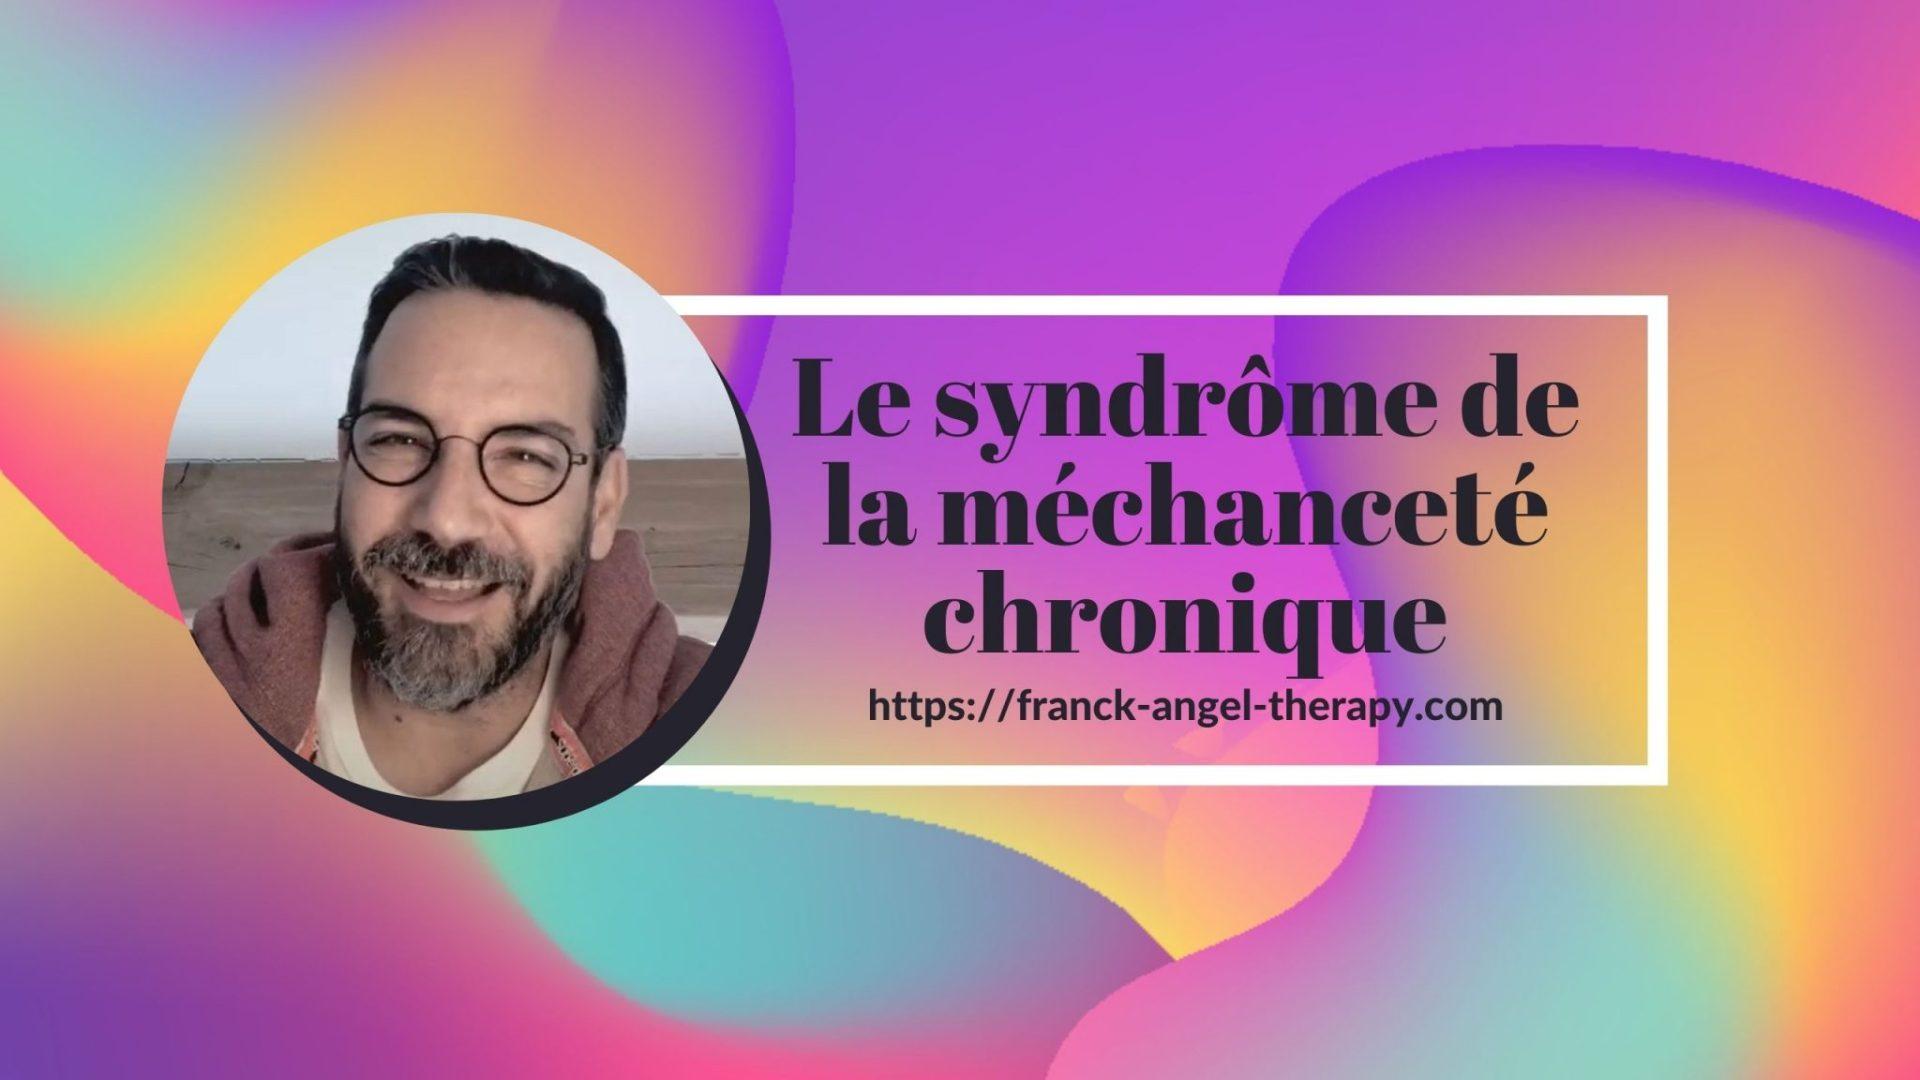 Le syndrome de la méchanceté chronique